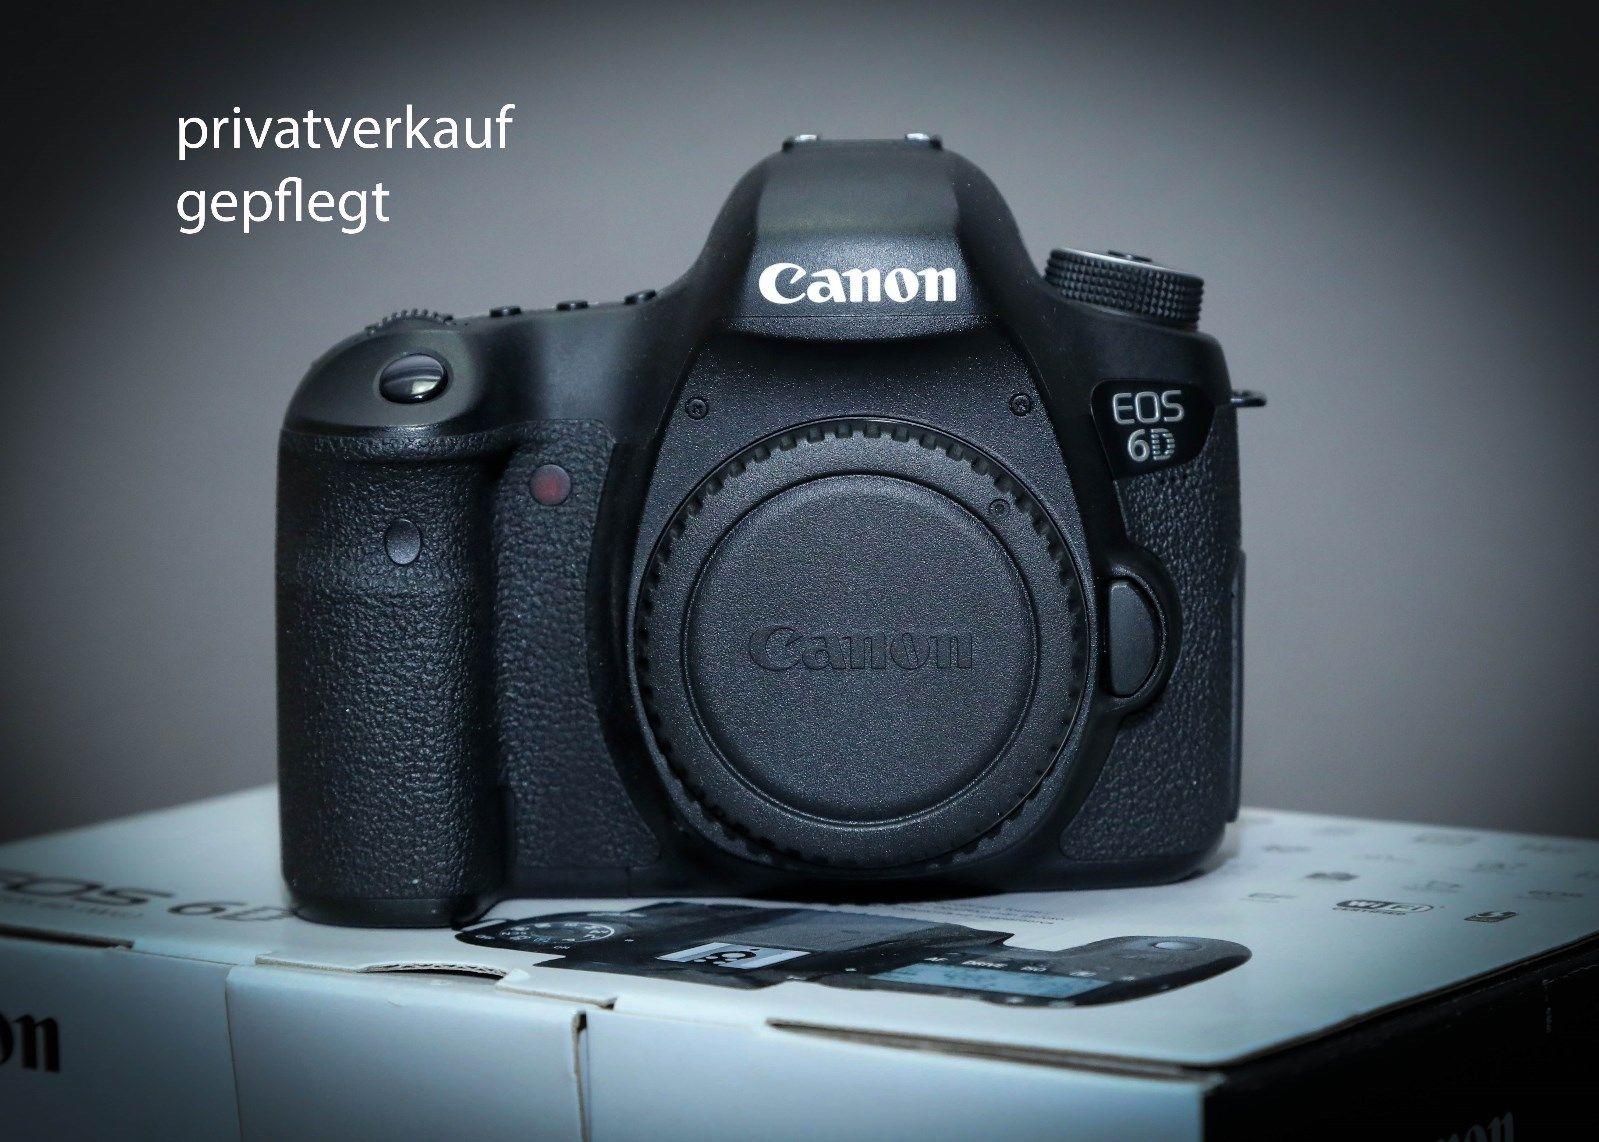 Canon EOS 6D 20.2 MP SLR-Digitalkamera Vollformat Sensor nur Body